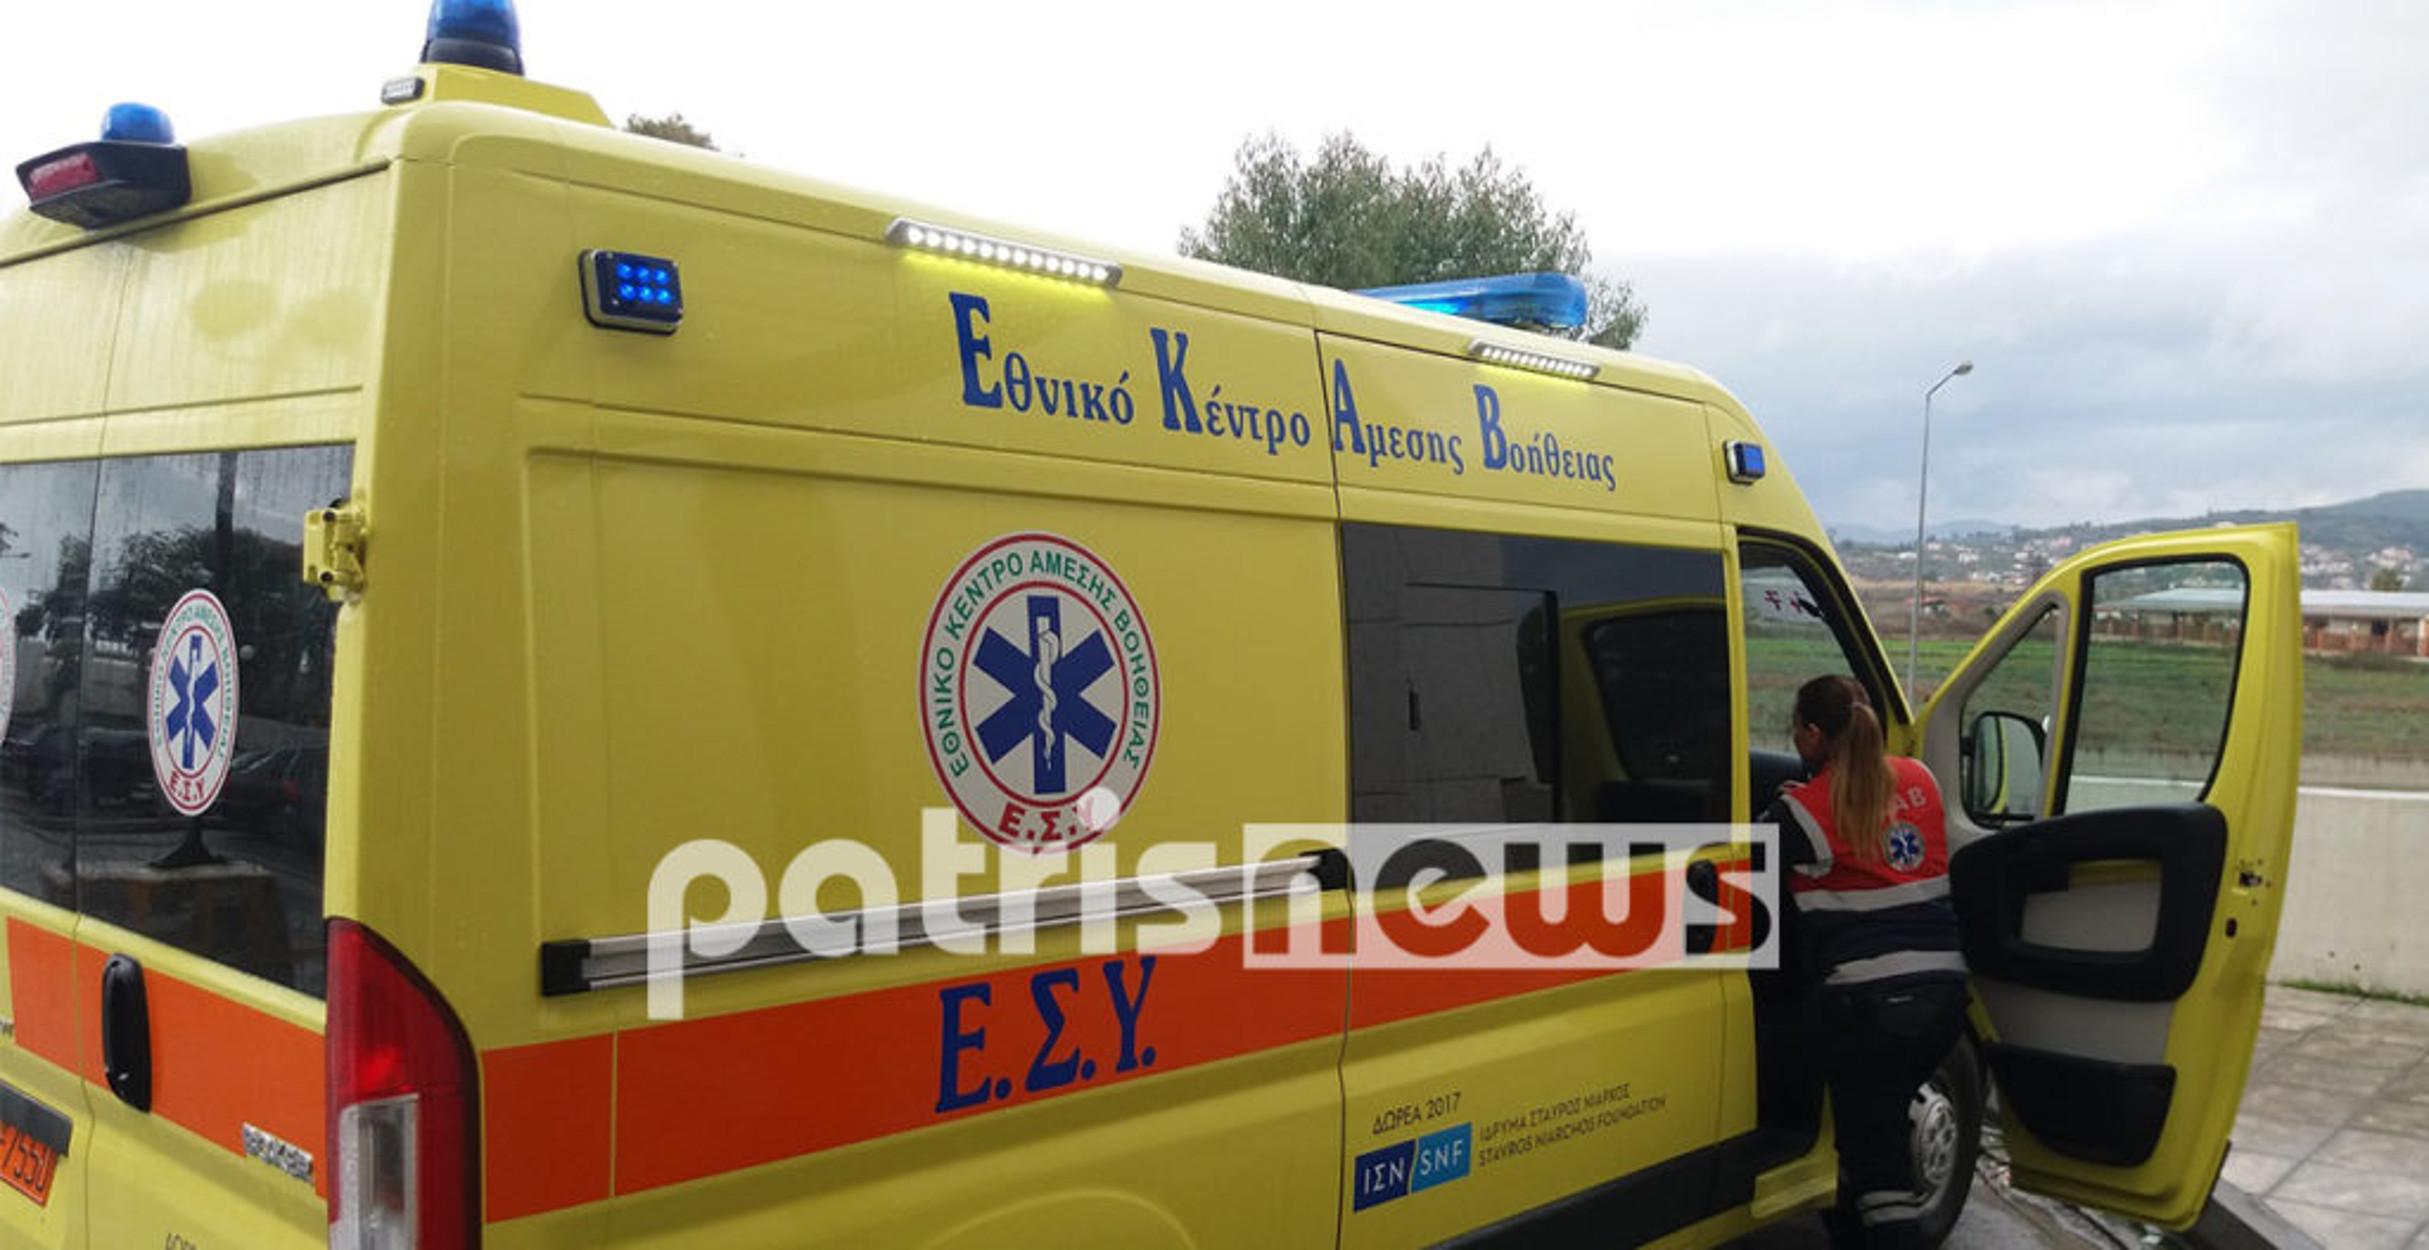 Ηλεία: Τραγωδία στο Βαρθολομιό! Αυτοκίνητο παρέσυρε μηχανή – Δύο νεκροί